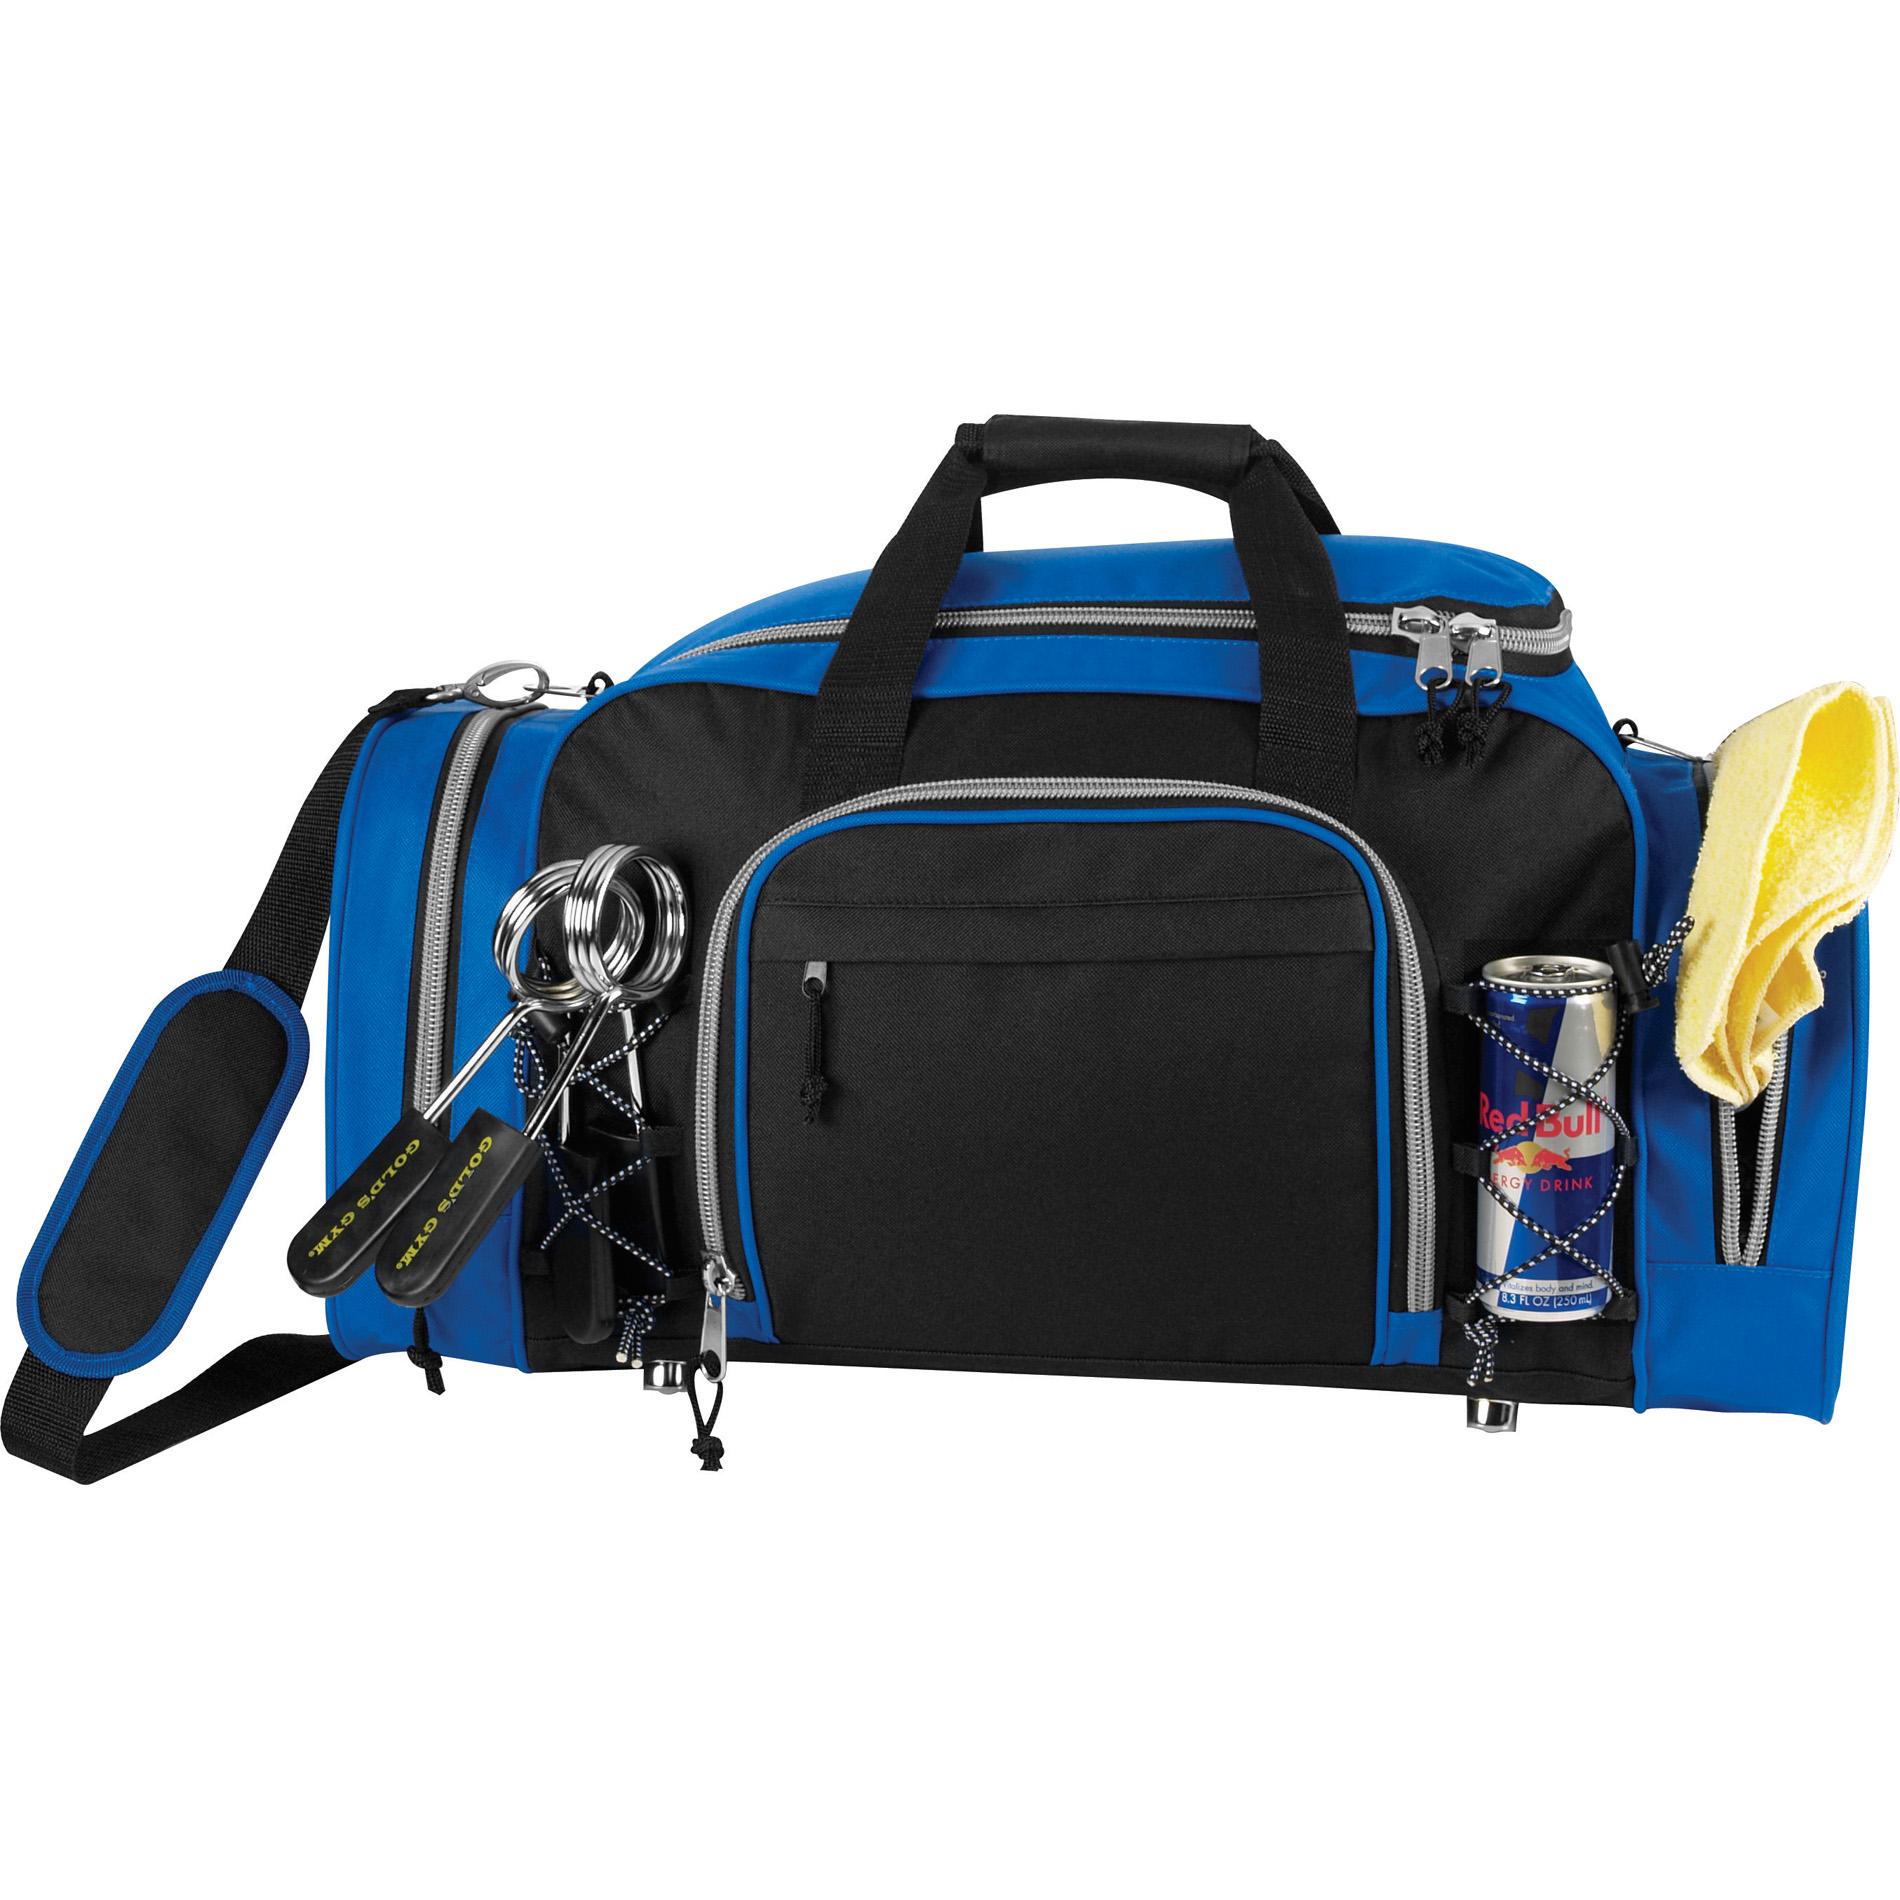 The Getaway Duffel Bag